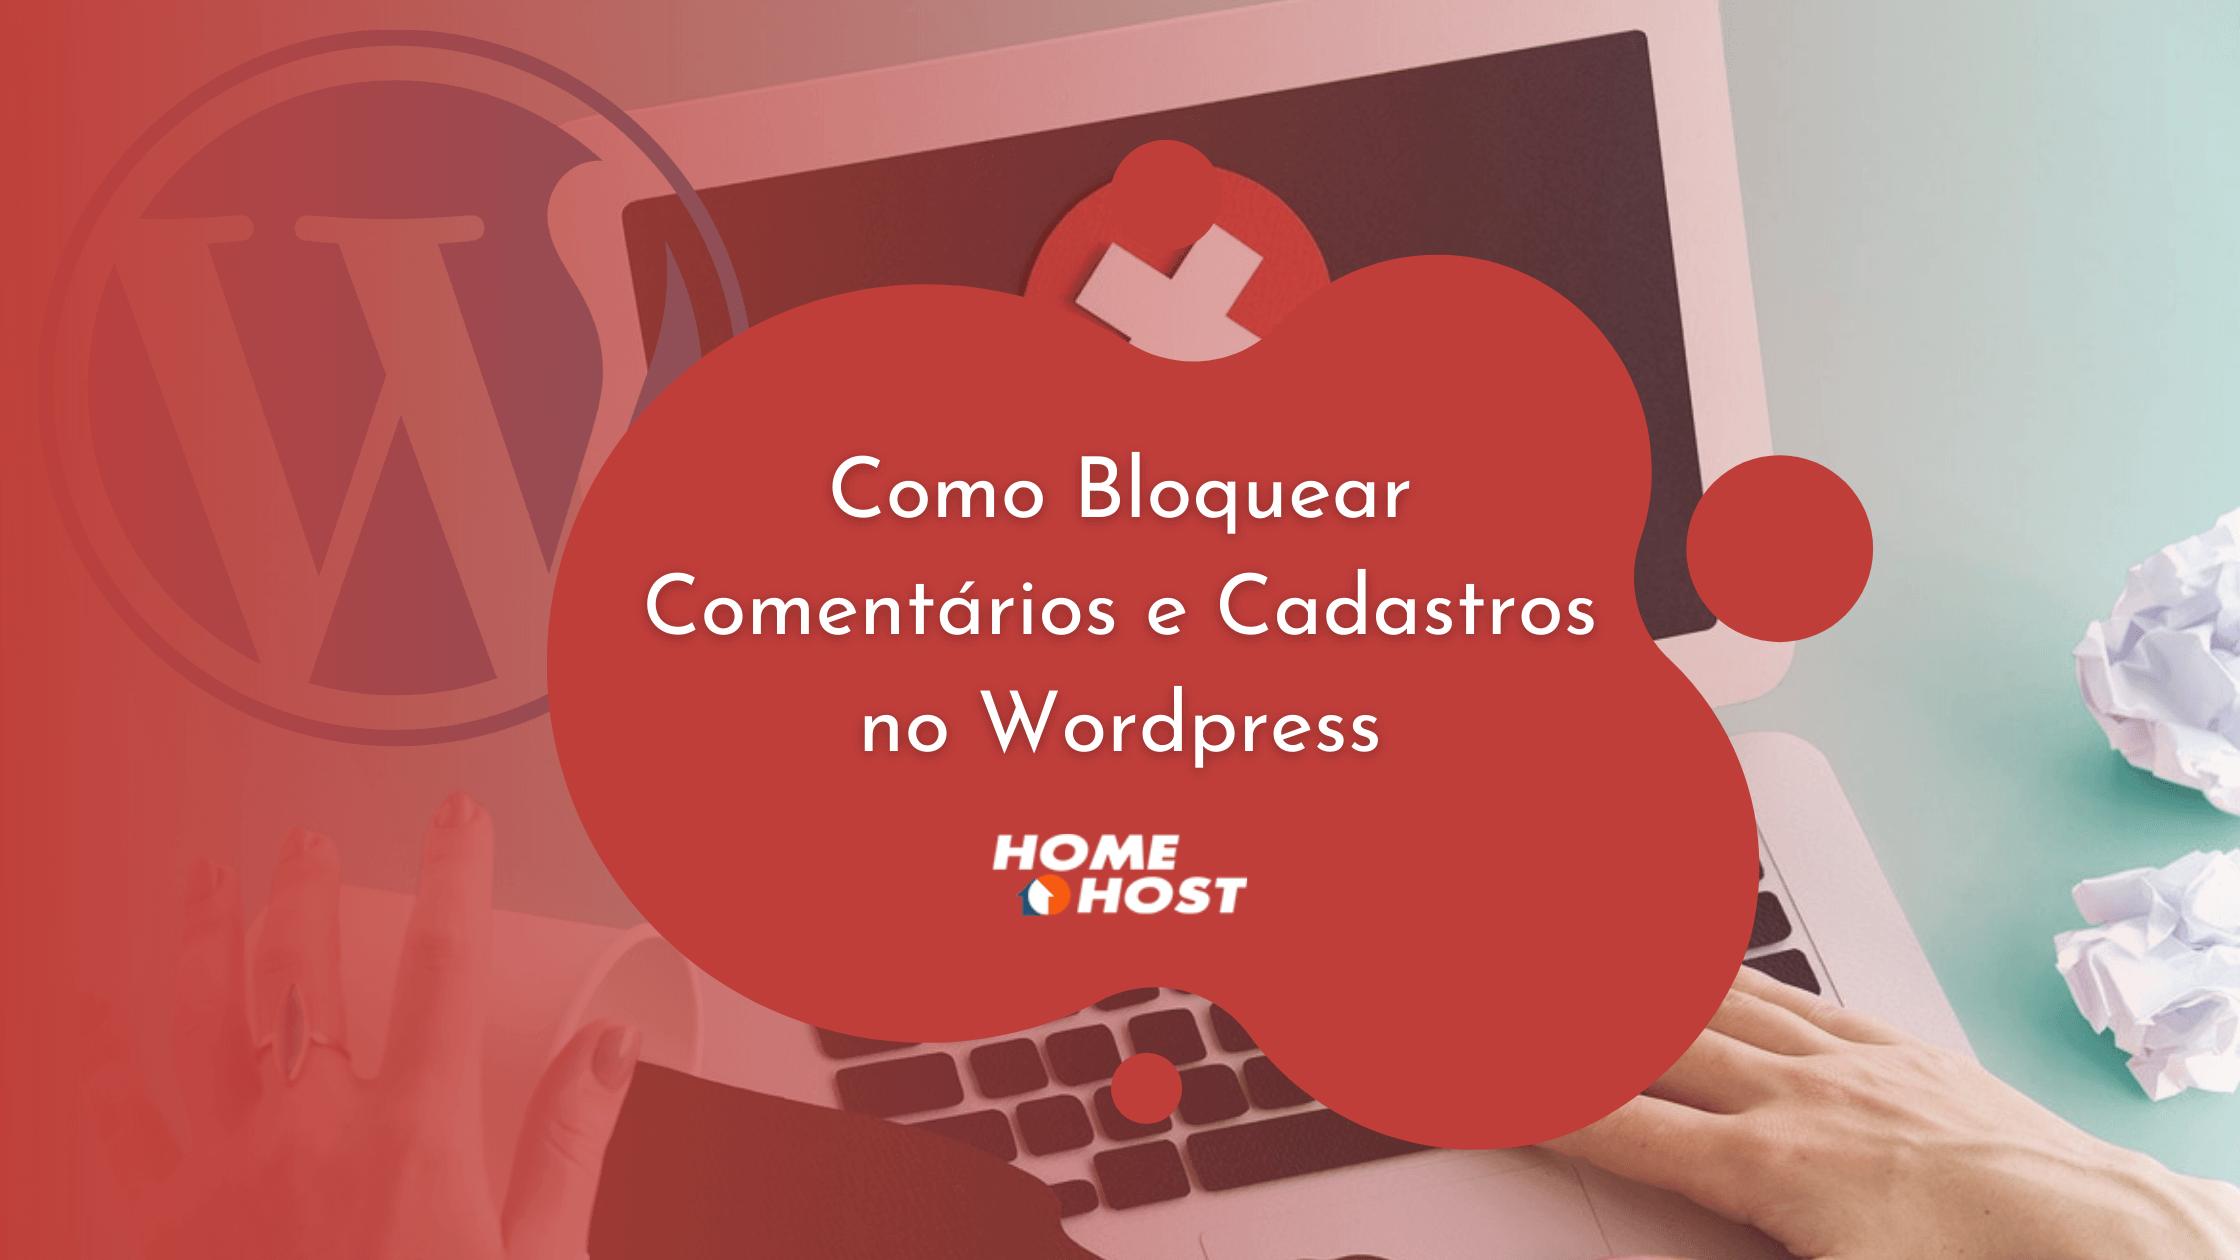 Homehost: Como Bloquear Comentários e Cadastros no Wordpress